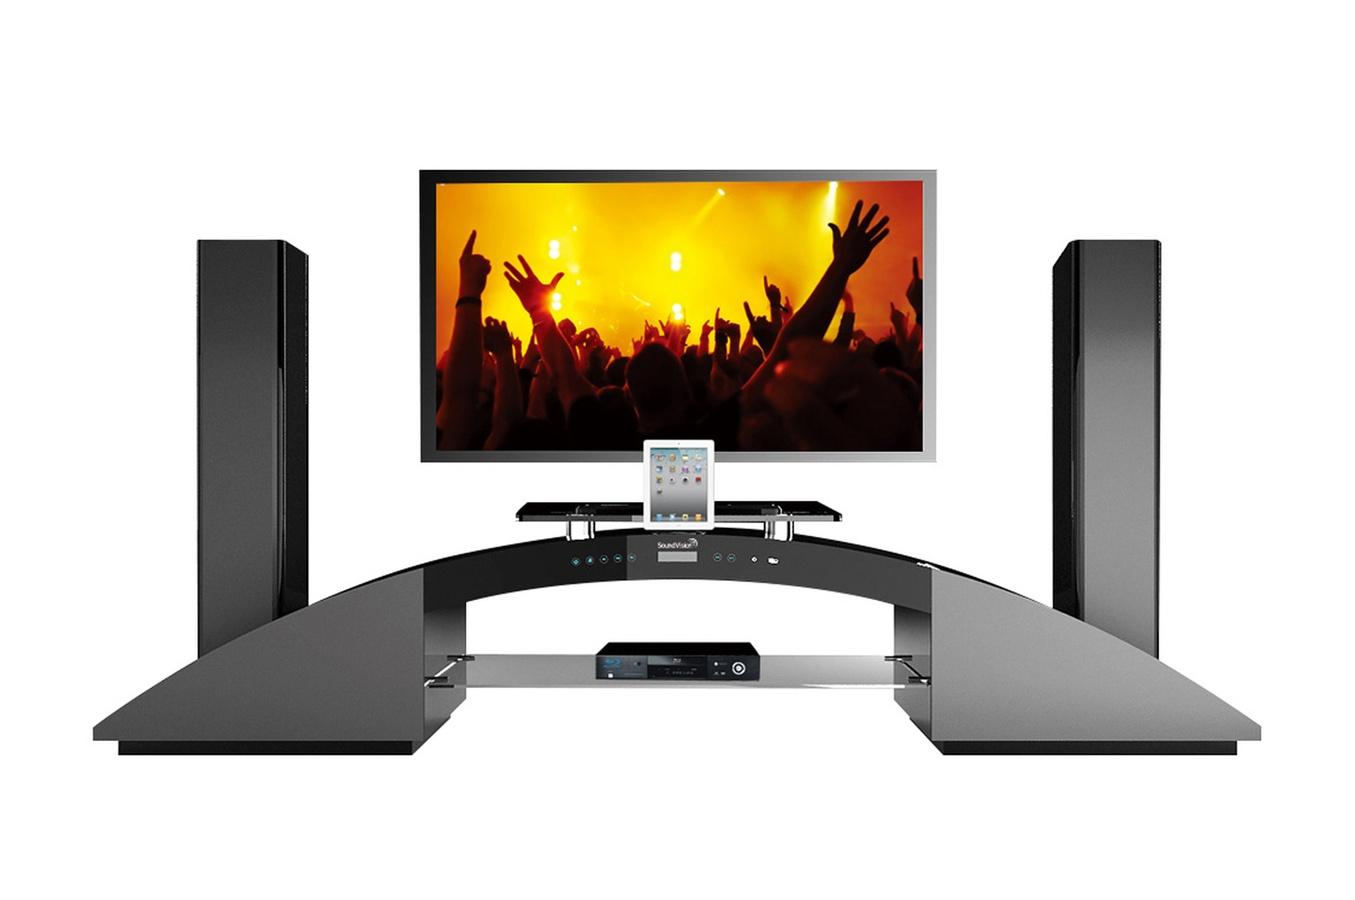 Meuble Tv D Vision Maison Et Mobilier D Int Rieur # Meuble Tv Home Cinema Leclerc